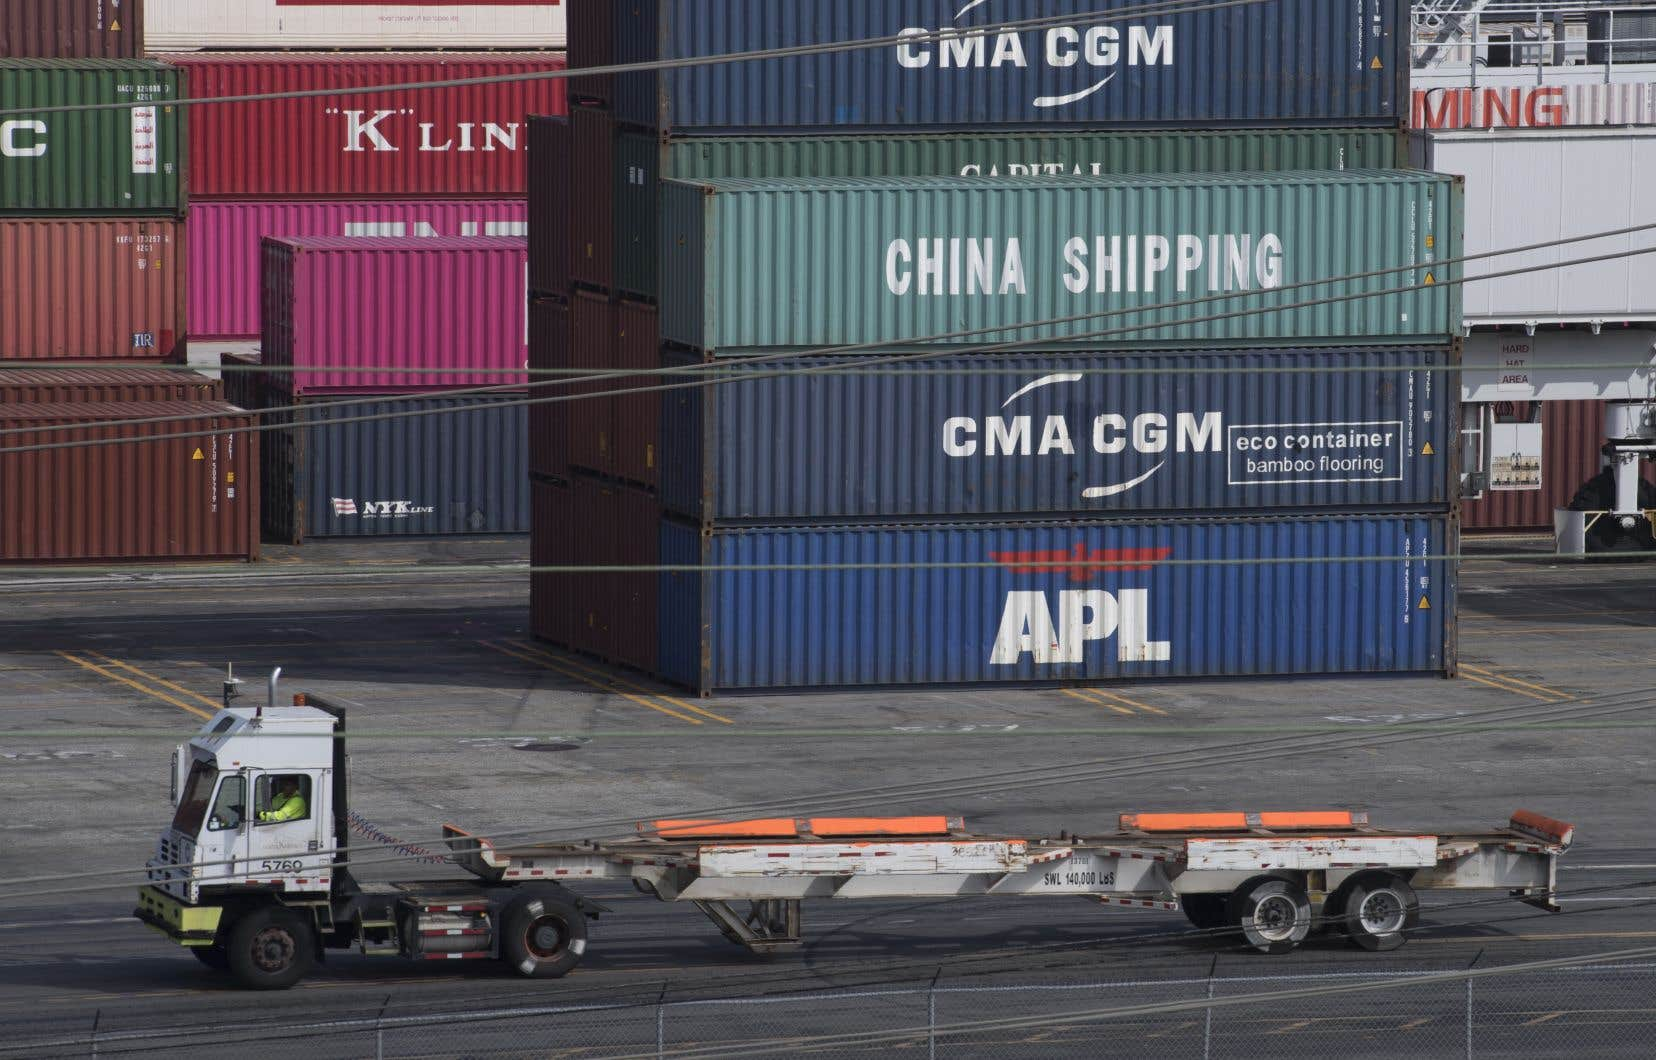 La guerre commerciale entre les deux puissances économiques, qui ralentit la croissance mondiale, affecte de plus en plus l'économie chinoise.